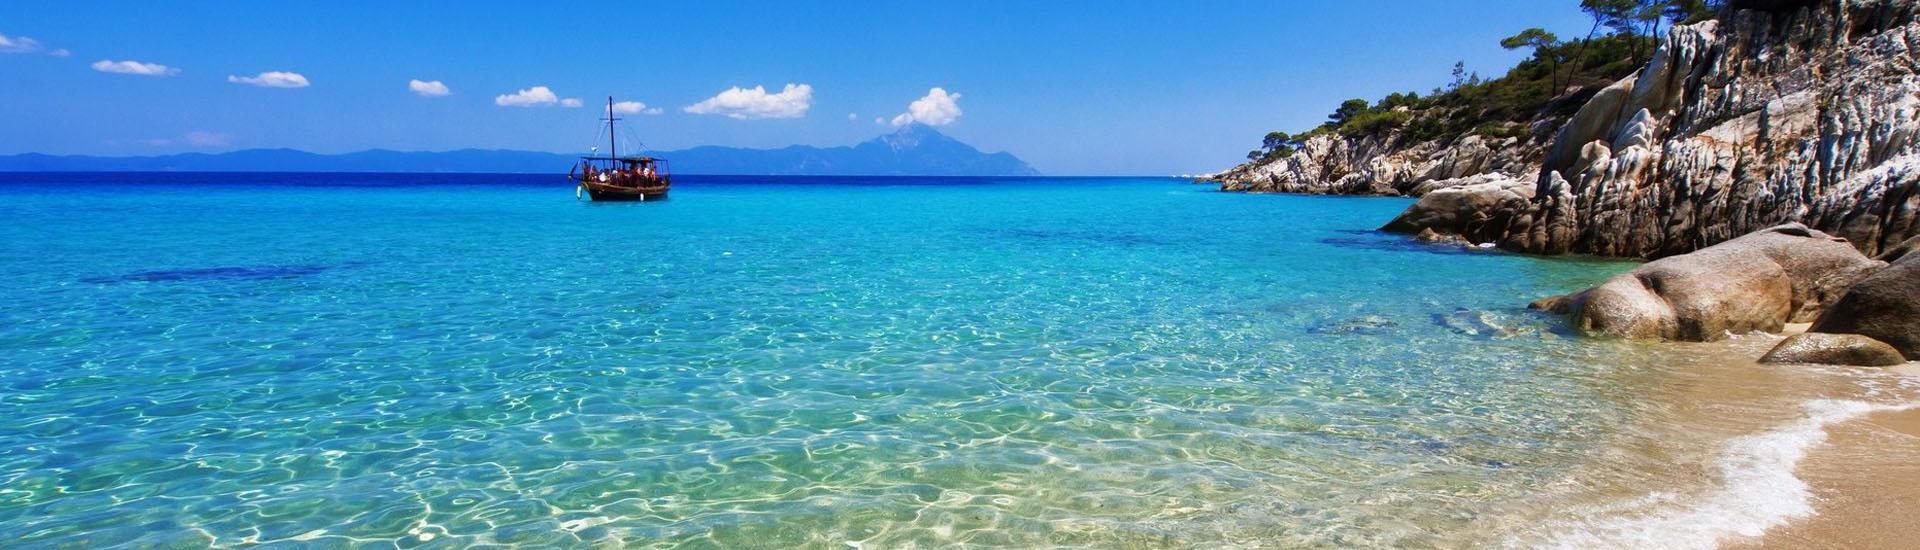 Najbolja ponuda hotela na Halkidikiju 2016